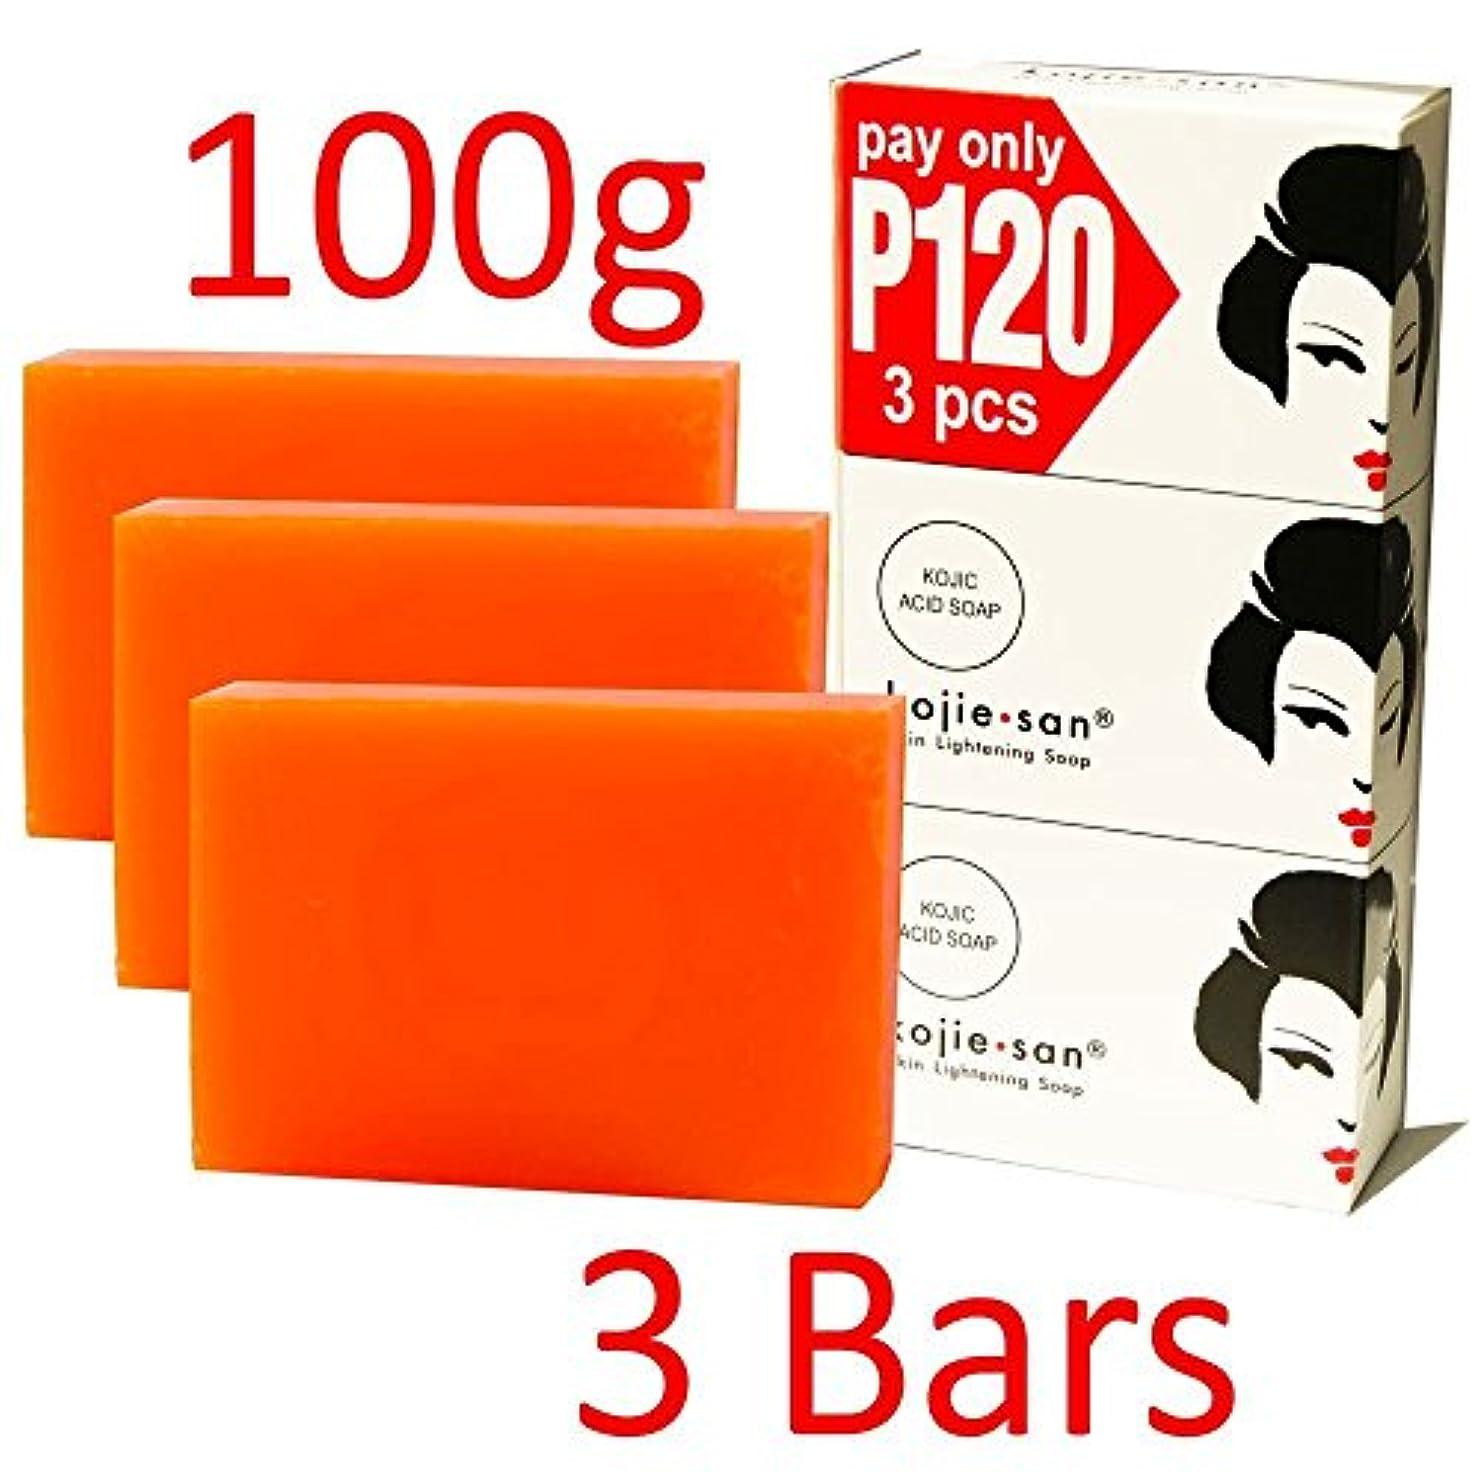 研究ポーンうがい薬お得な3個パック Kojie san Soap 3 pcs こじえさん スキンライトニングソープ 1個100g [並行輸入品]